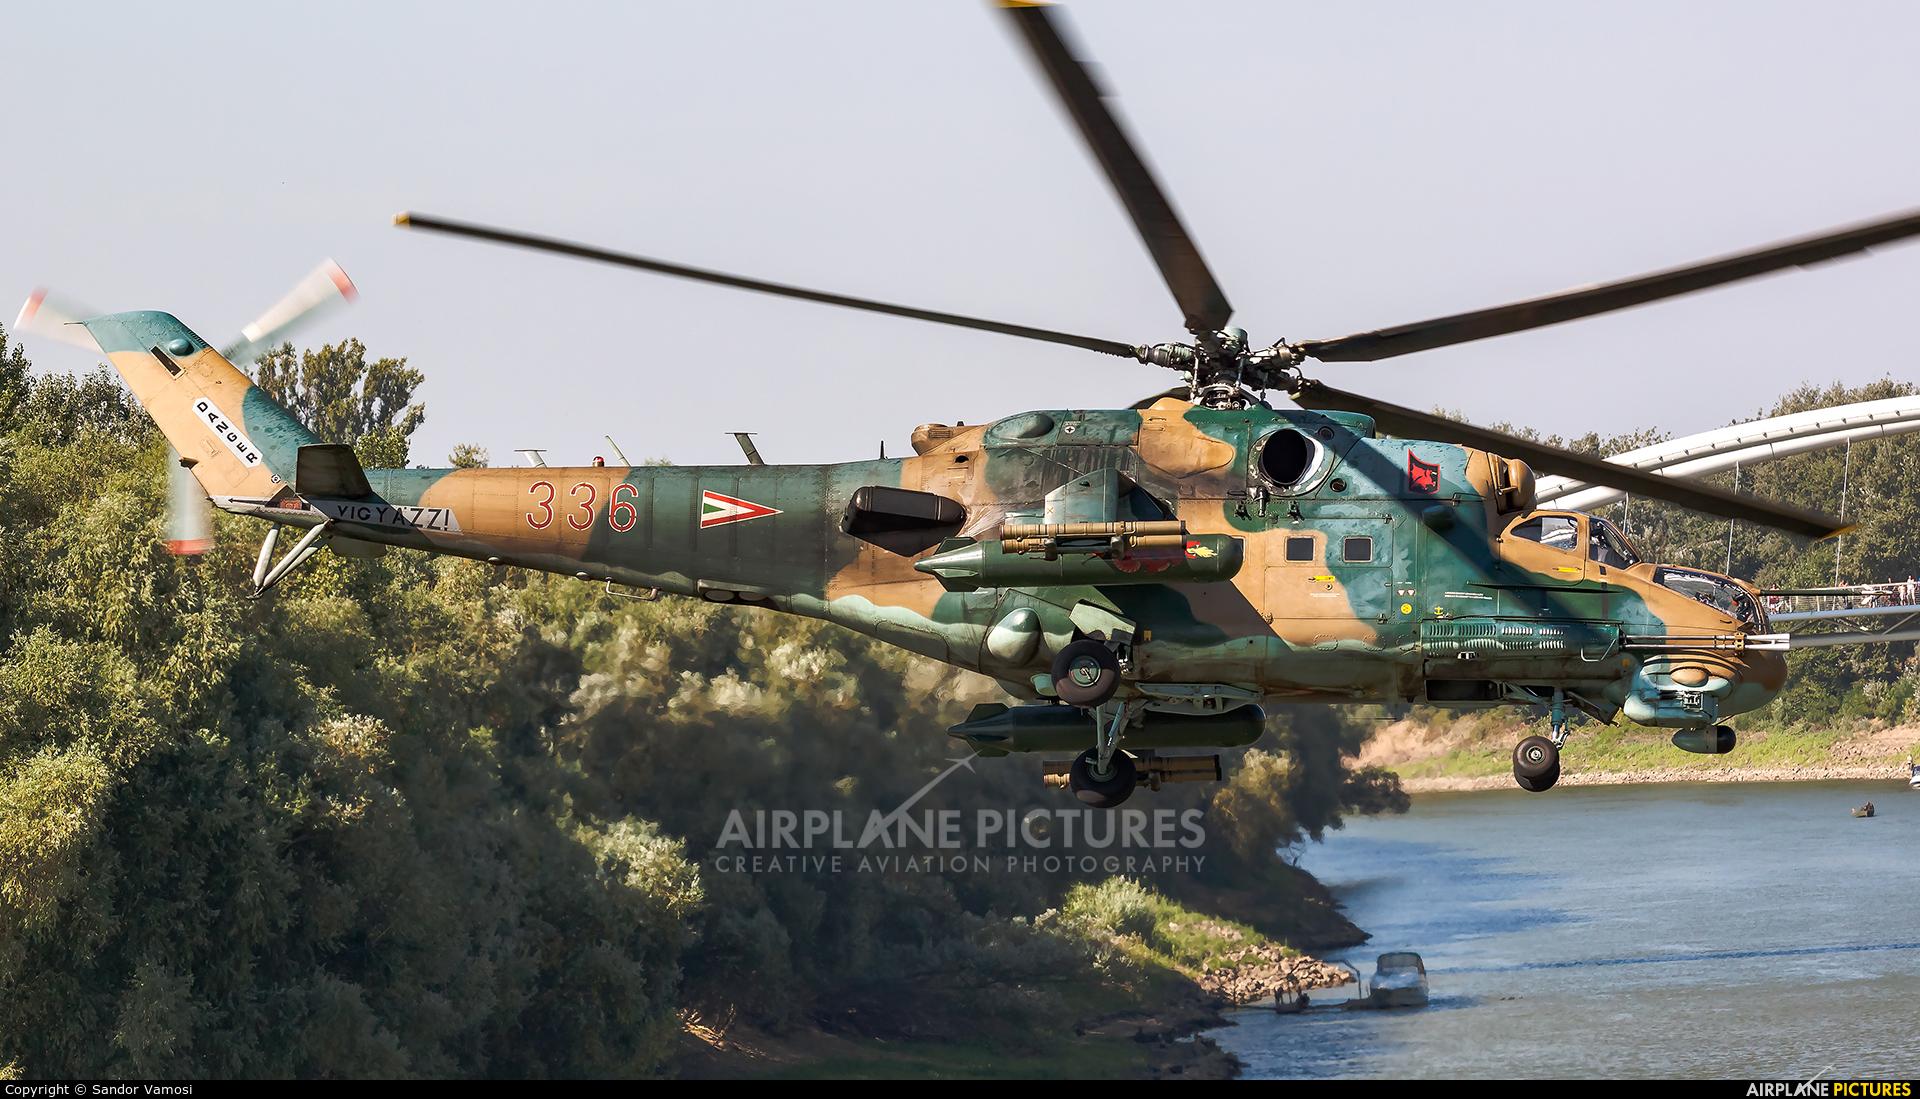 Hungary - Air Force 336 aircraft at Off Airport - Hungary